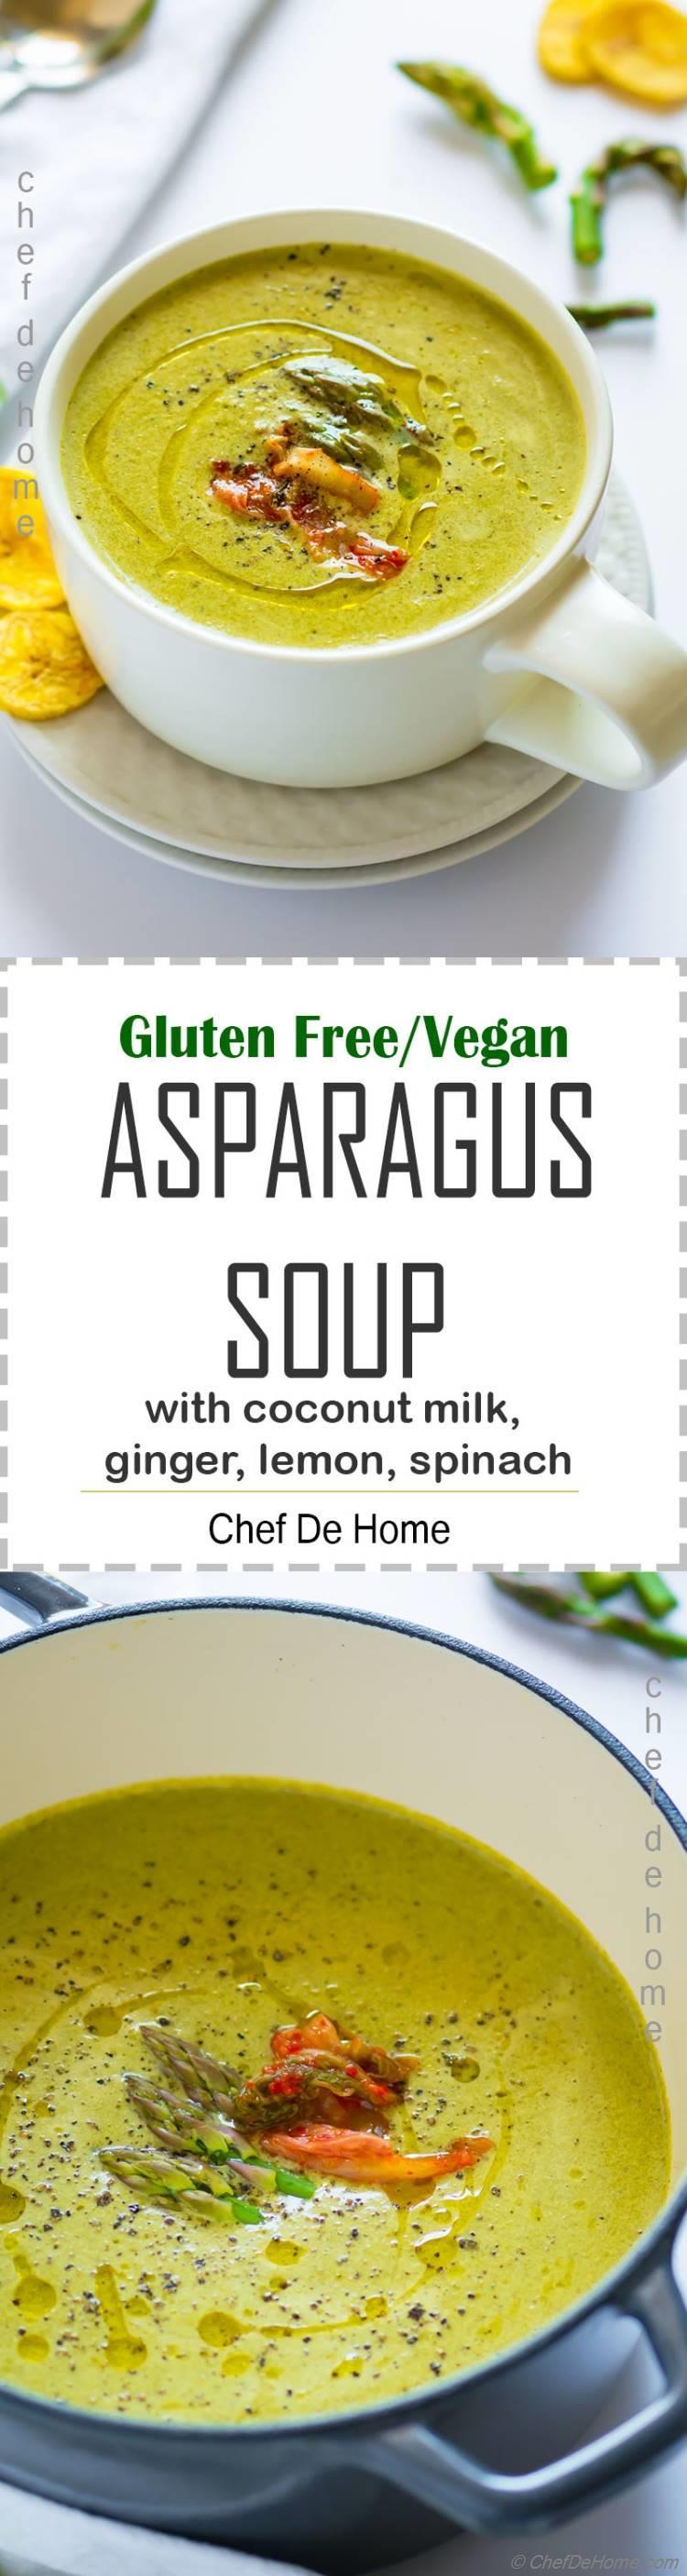 Vegan Asparagus Soup Recipe | ChefDeHome.com